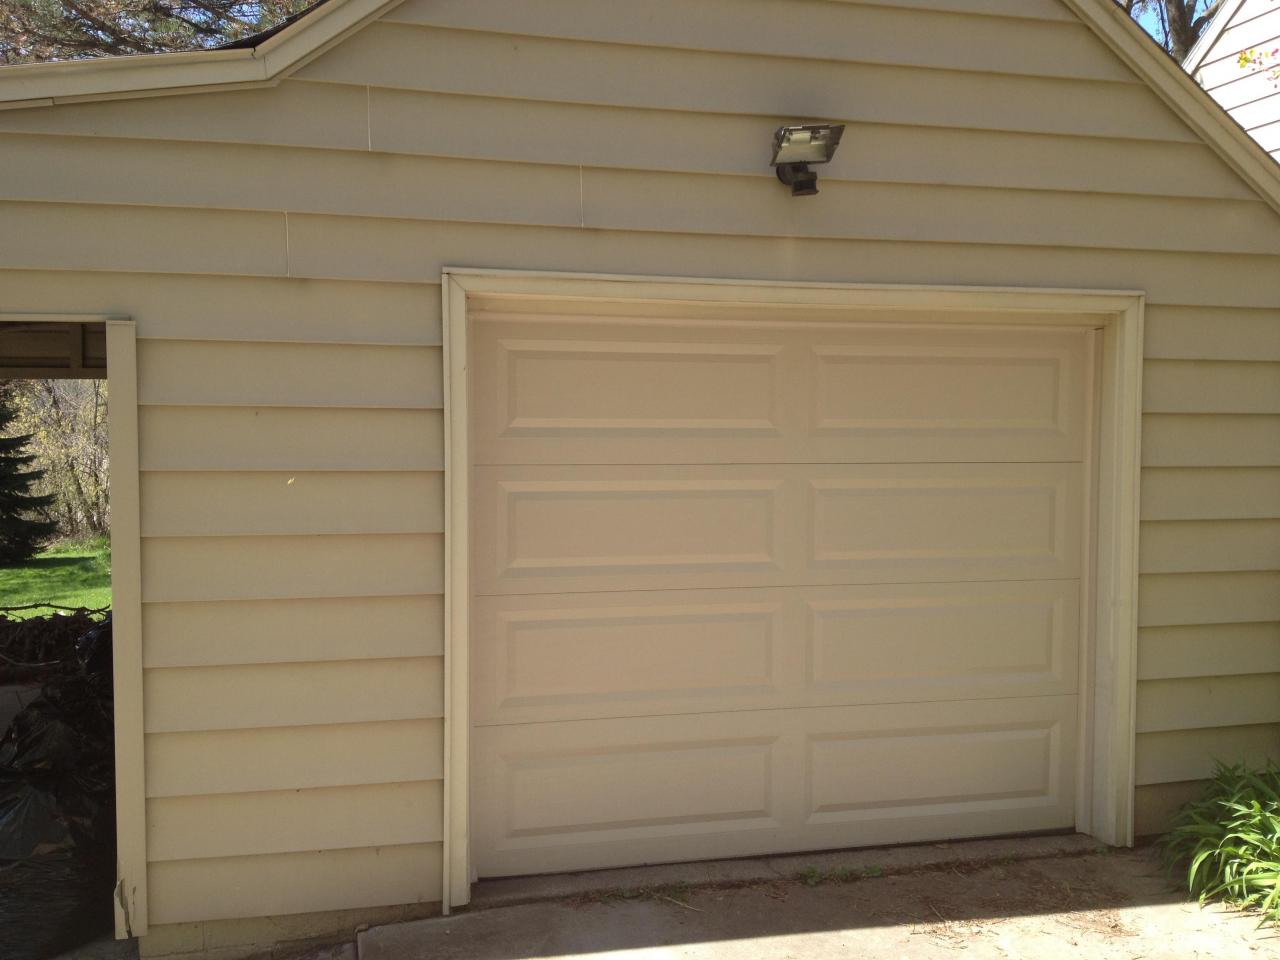 Ingstrup construction battle creek overhead doors for 16x7 insulated garage door